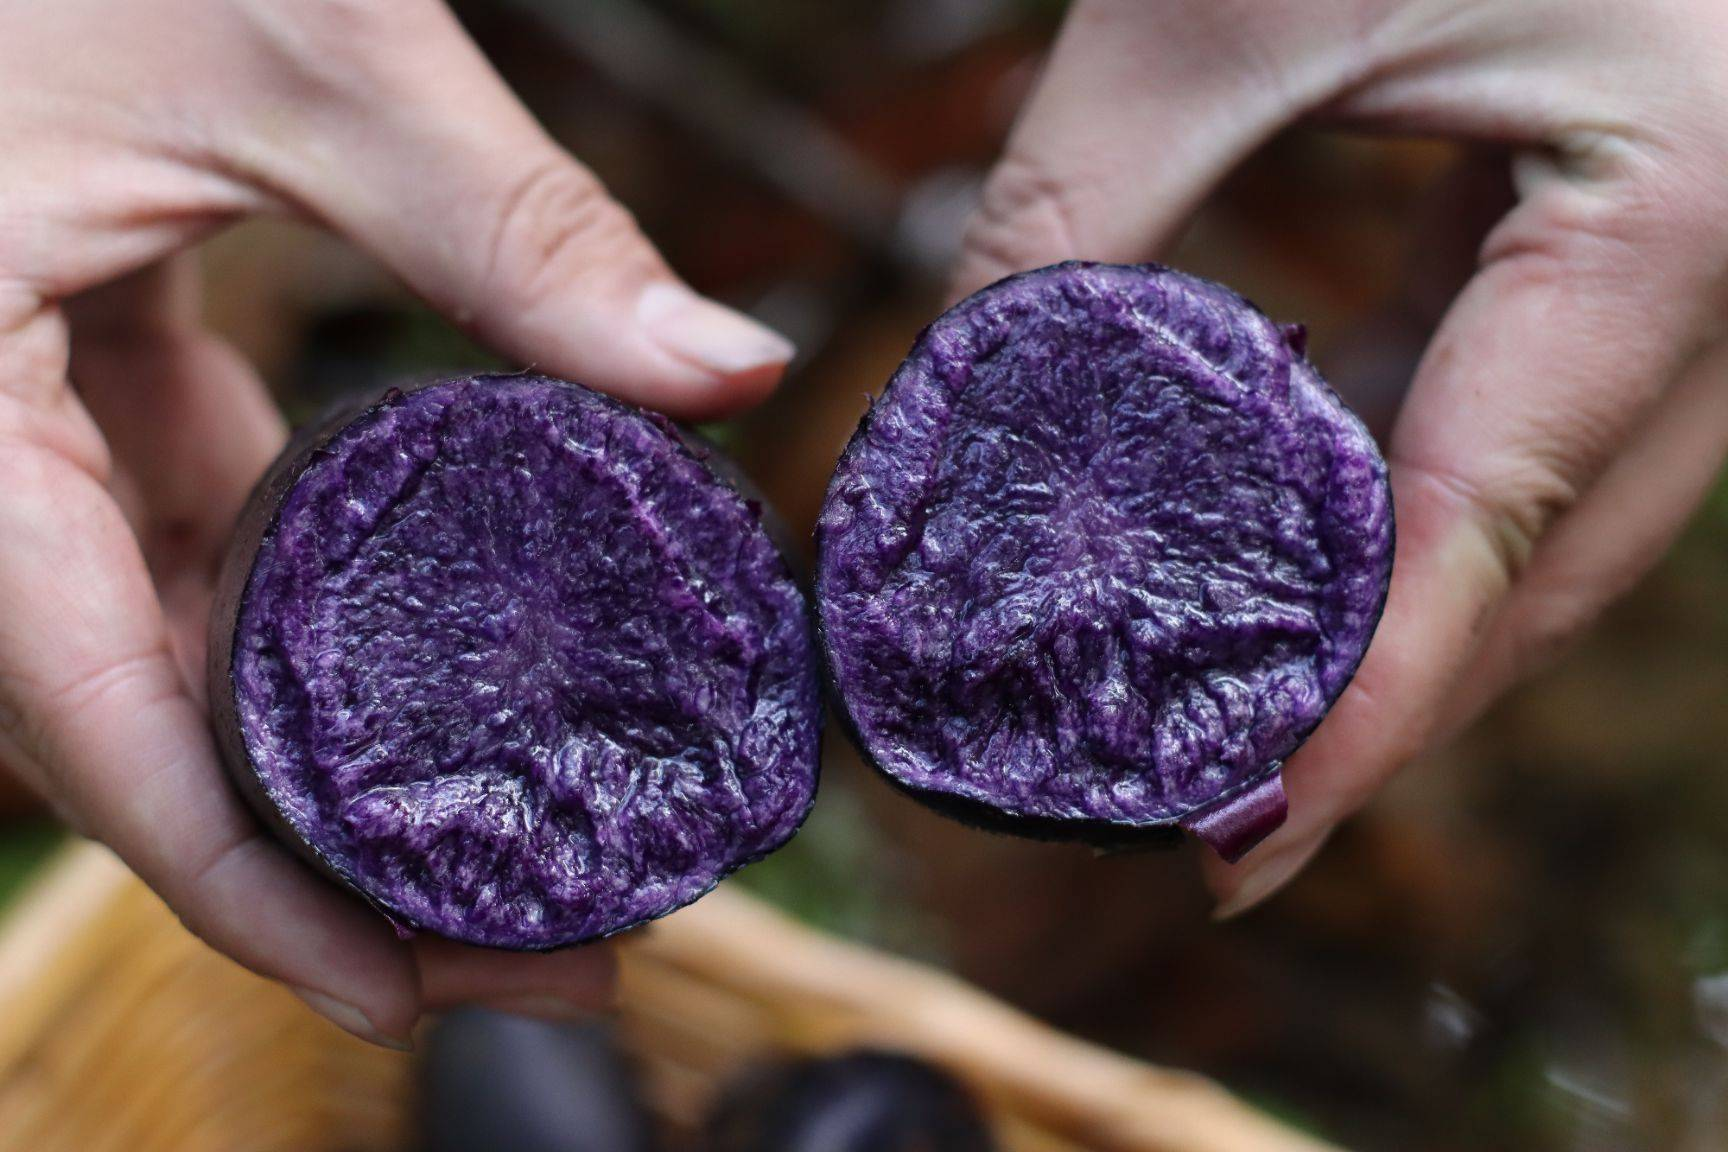 [黑土豆批发]黑美人土豆  黑金刚土豆,黑土豆,彩色马铃薯价格2元/斤